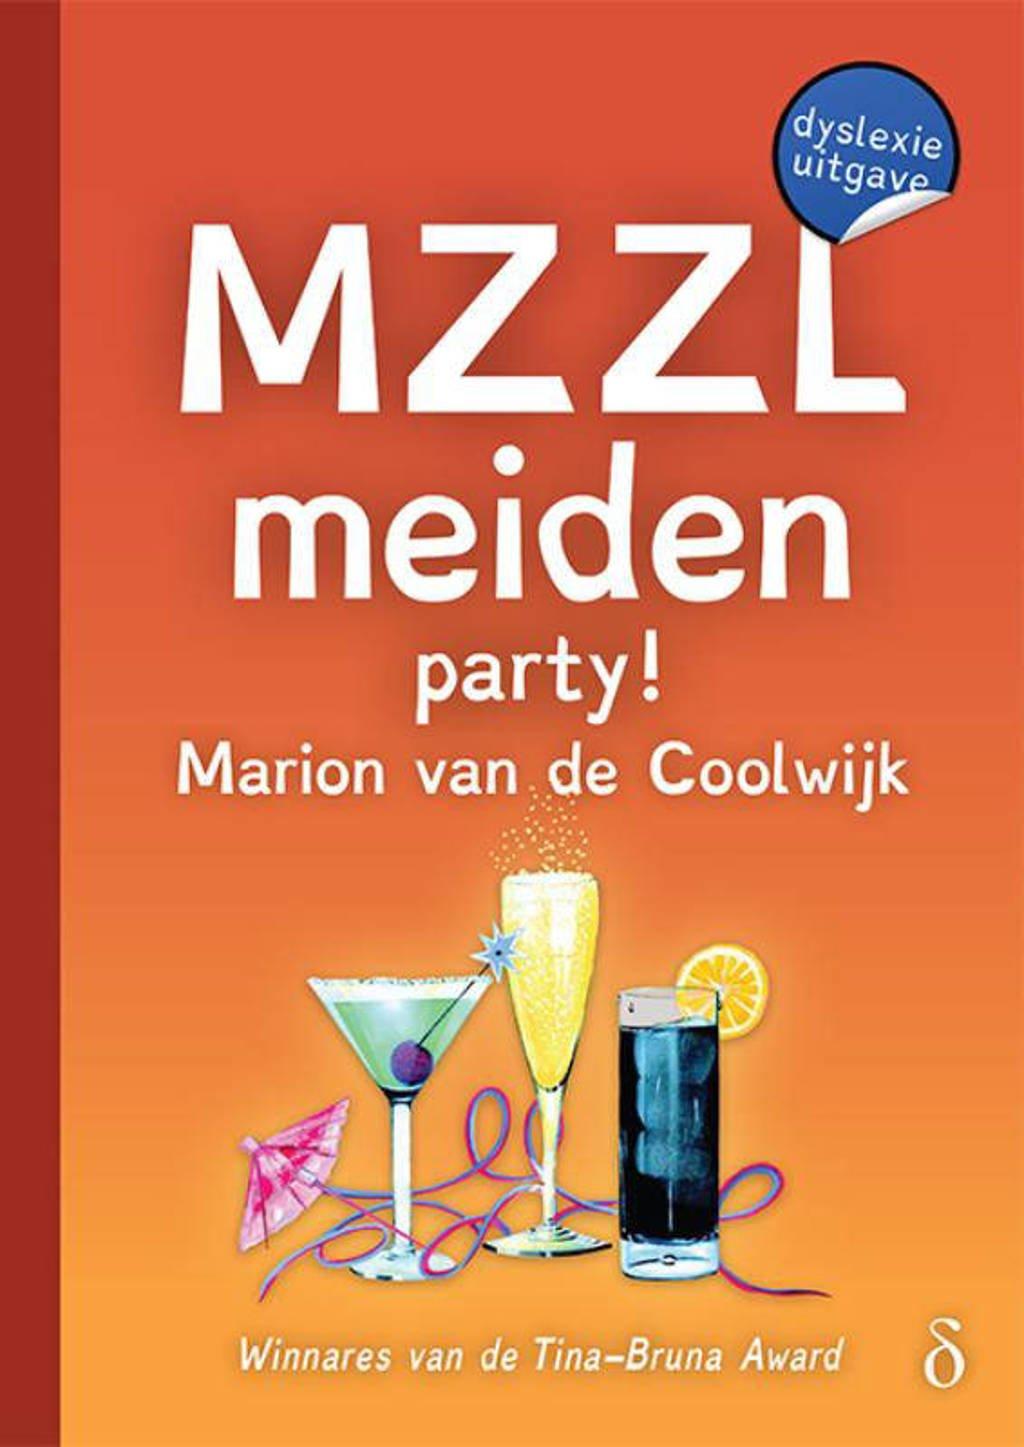 MZZLmeiden: MZZLmeiden party! - Marion van de Coolwijk